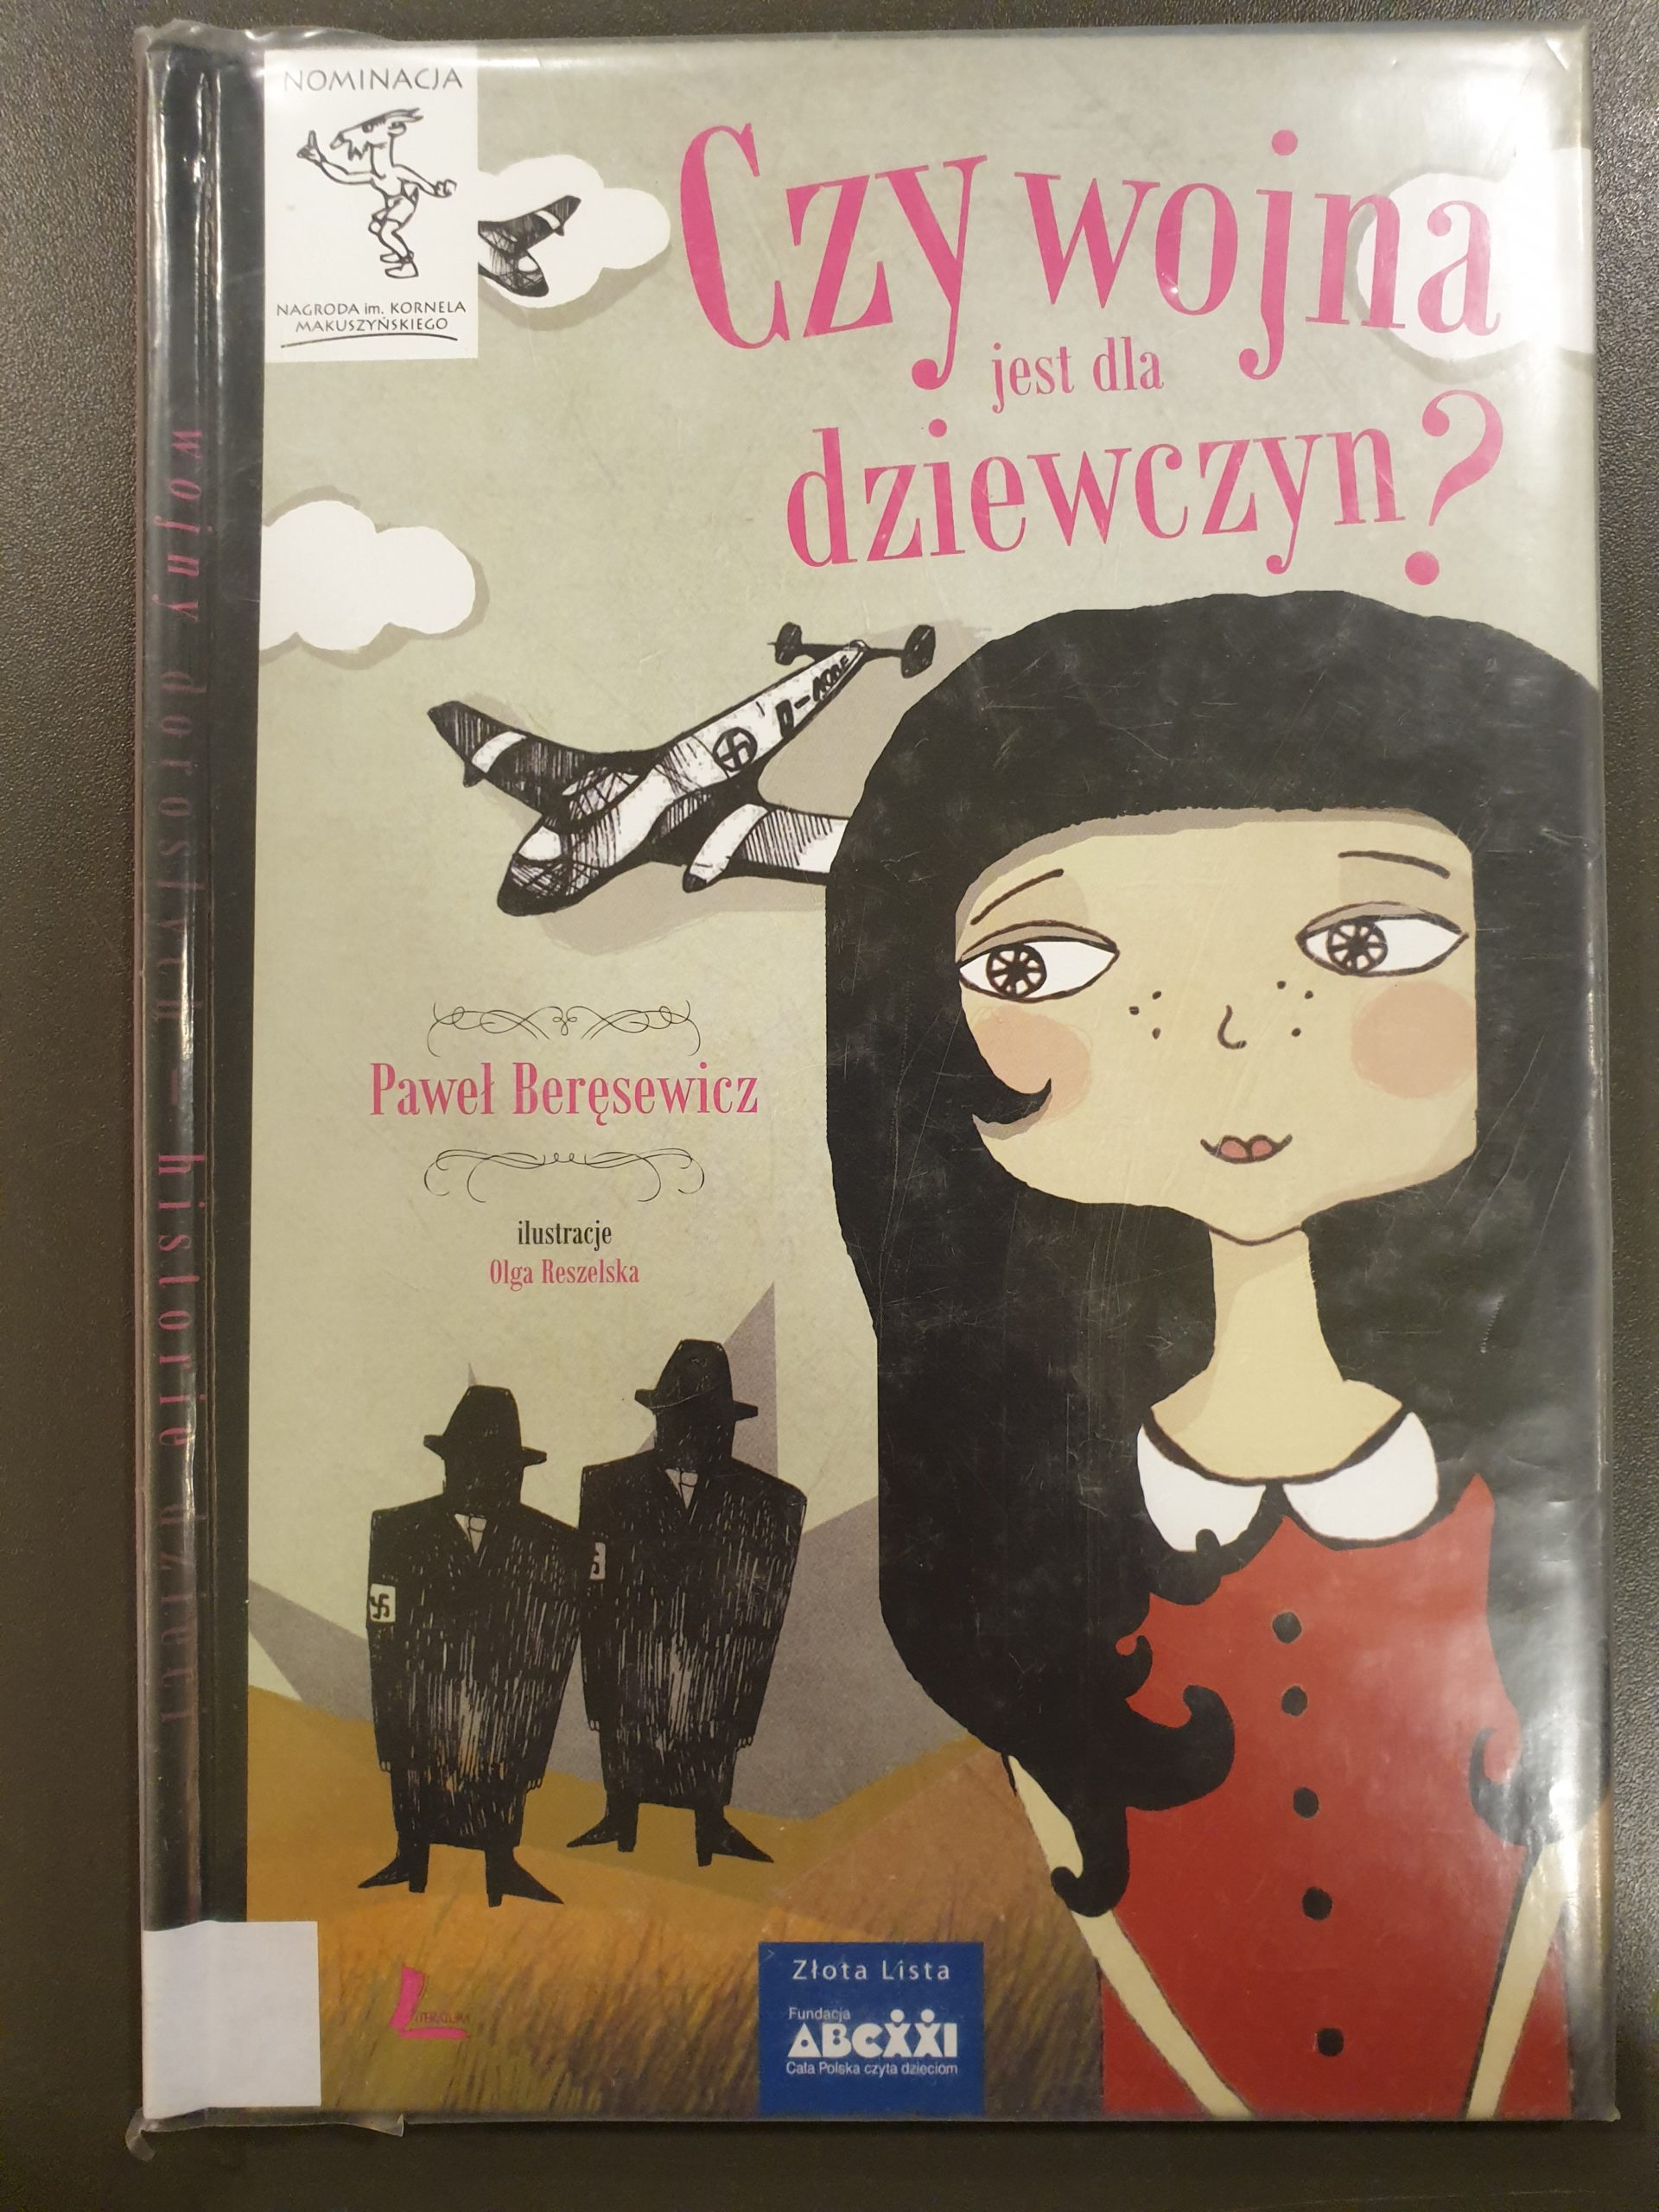 Okładka książki pod tytułem Czy wojna jest dla dziewczyn?